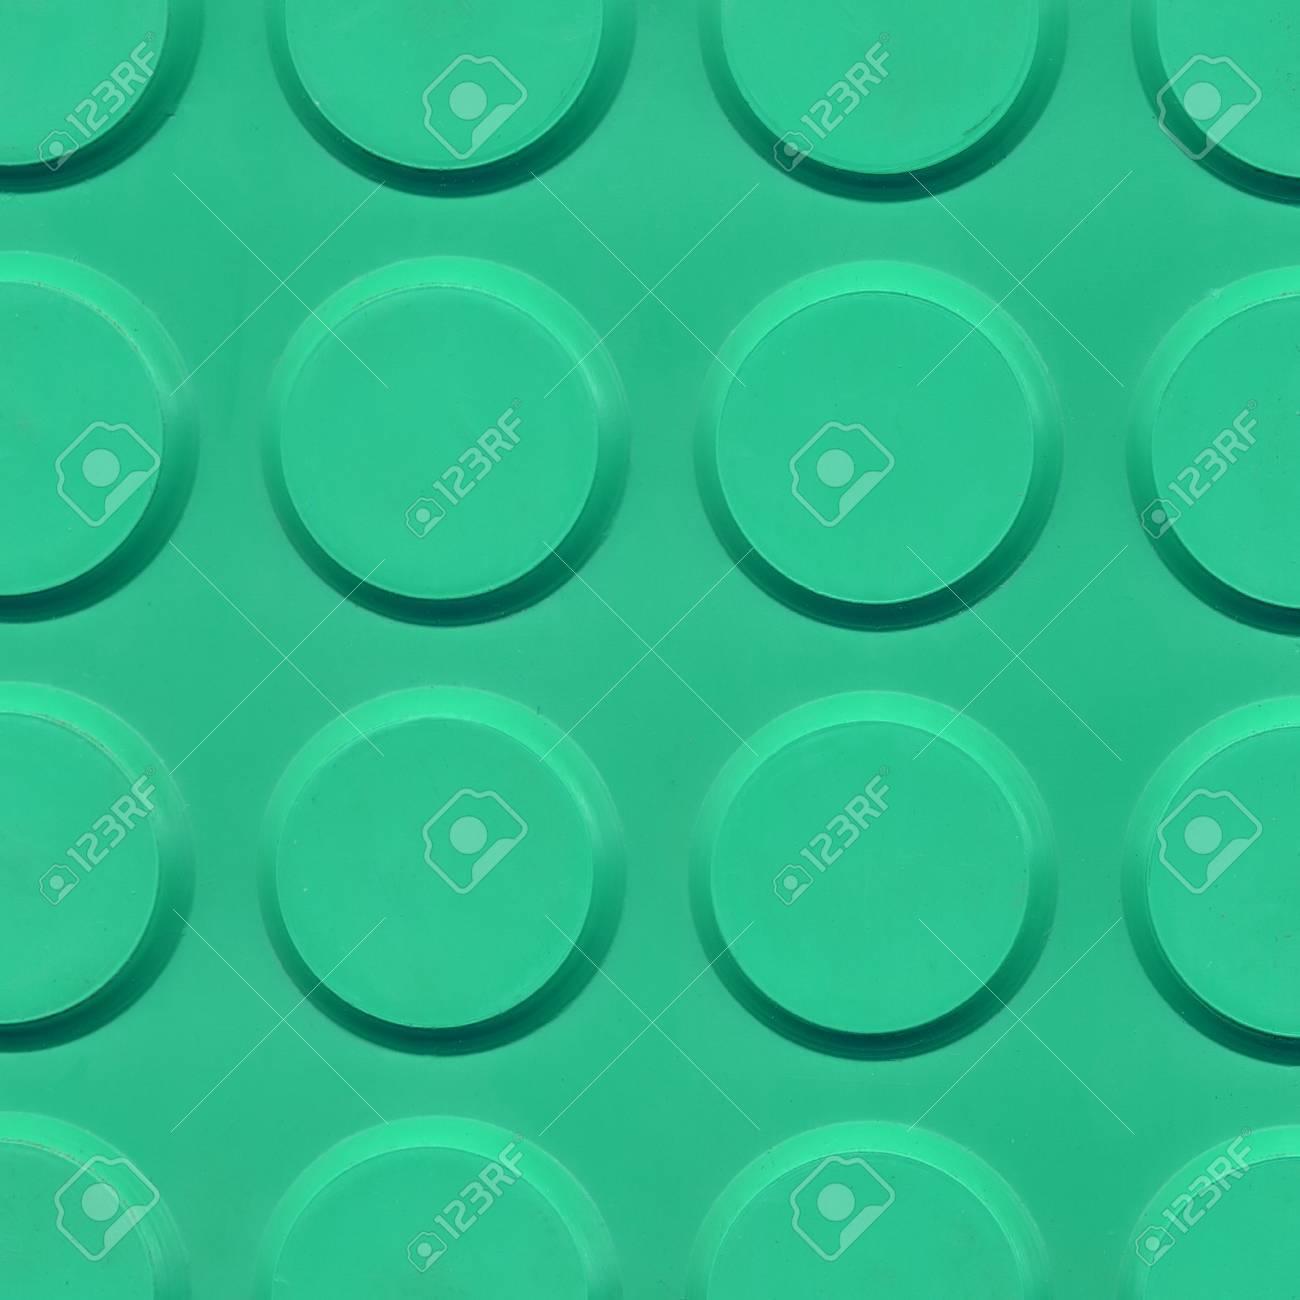 Rubber or linoleum floor tiles background stock photo picture and rubber or linoleum floor tiles background stock photo 4075328 dailygadgetfo Image collections